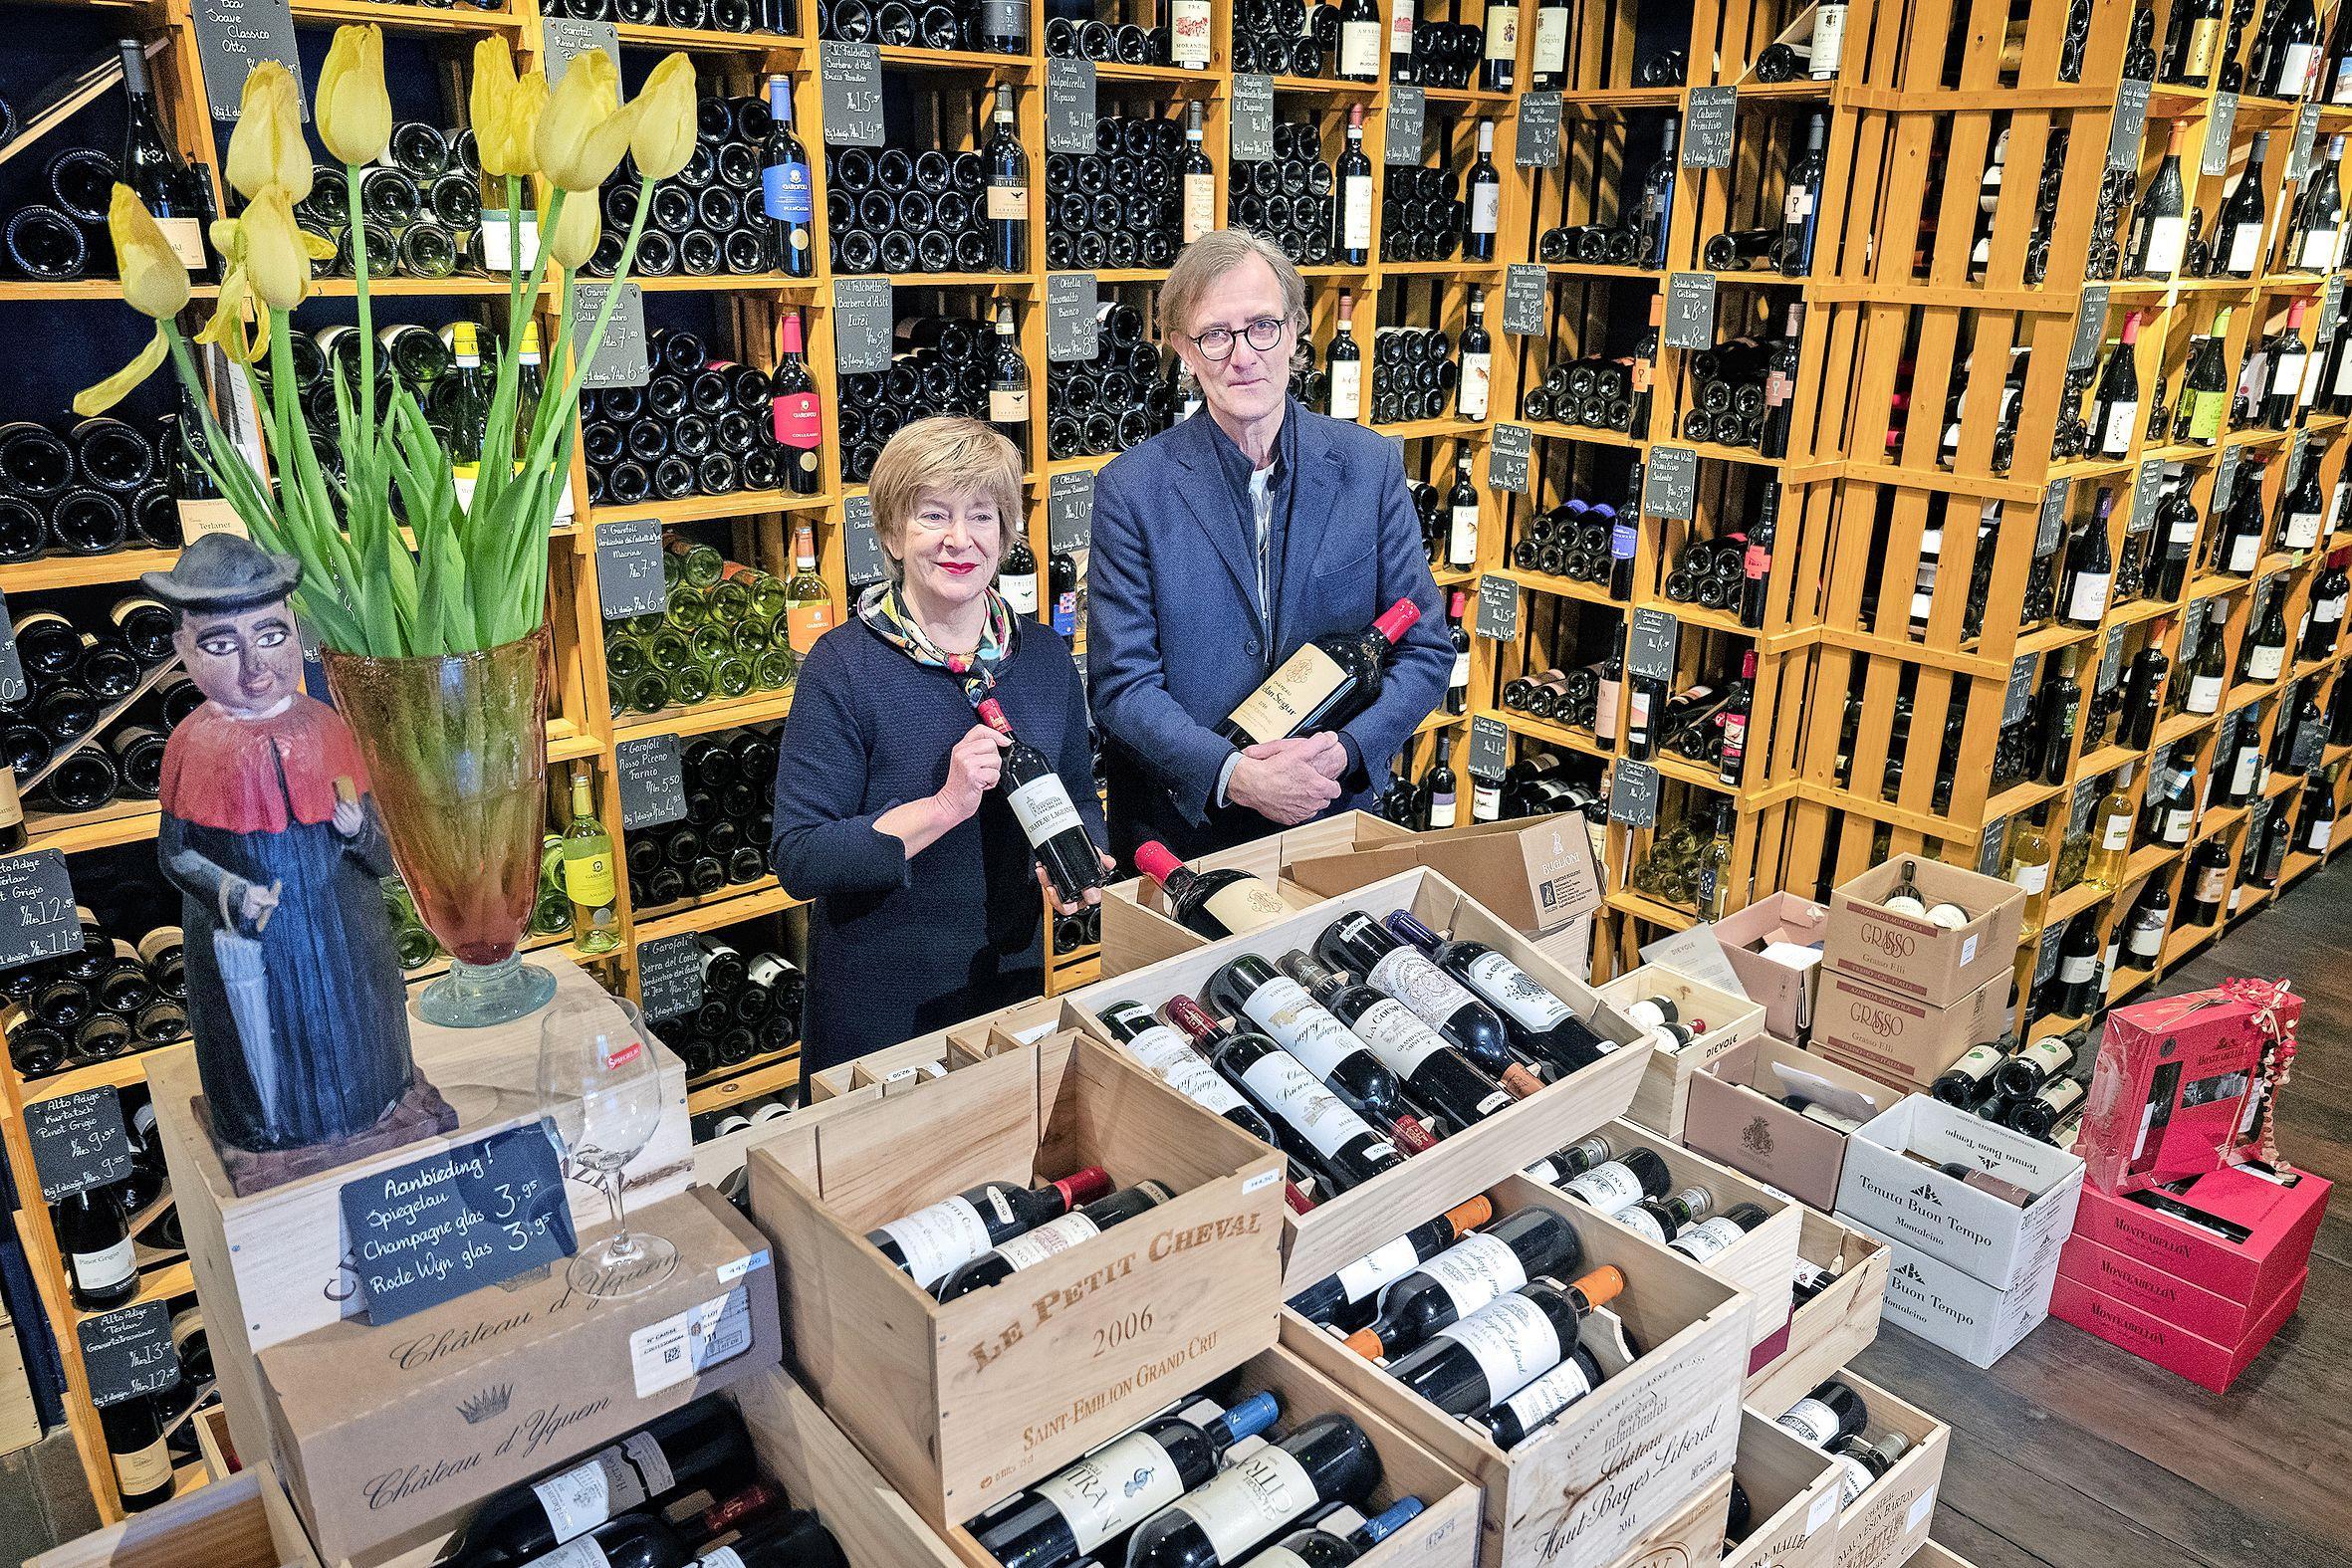 Wijnkoperij Henri Bloem in andere handen. 'Dit is een dozenwinkel: klanten komen nooit voor een enkel flesje'